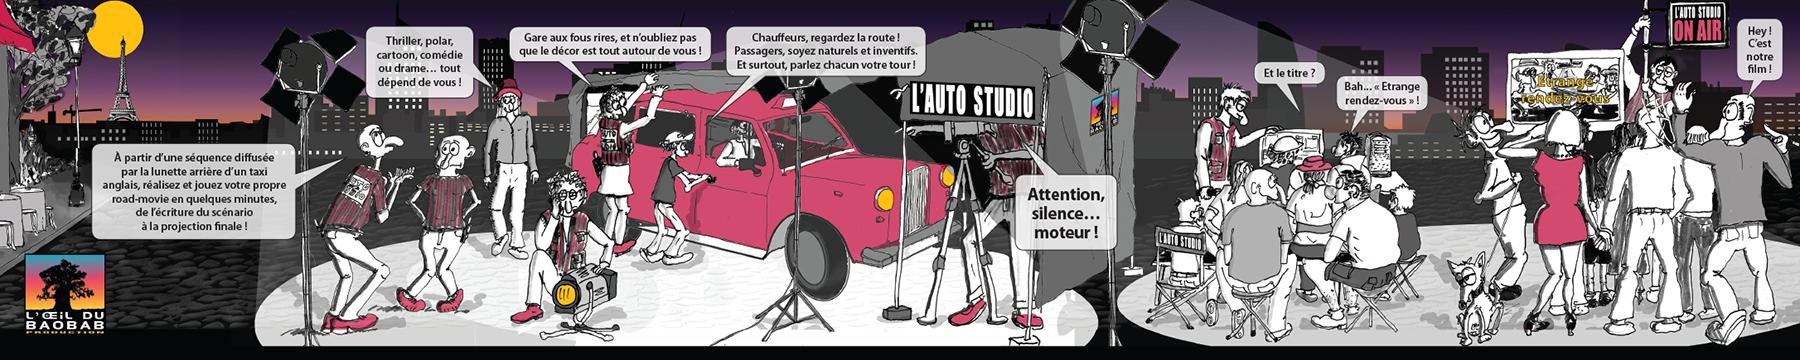 Bande dessinée explicative du dispositif cinématographique de L'Auto Studio